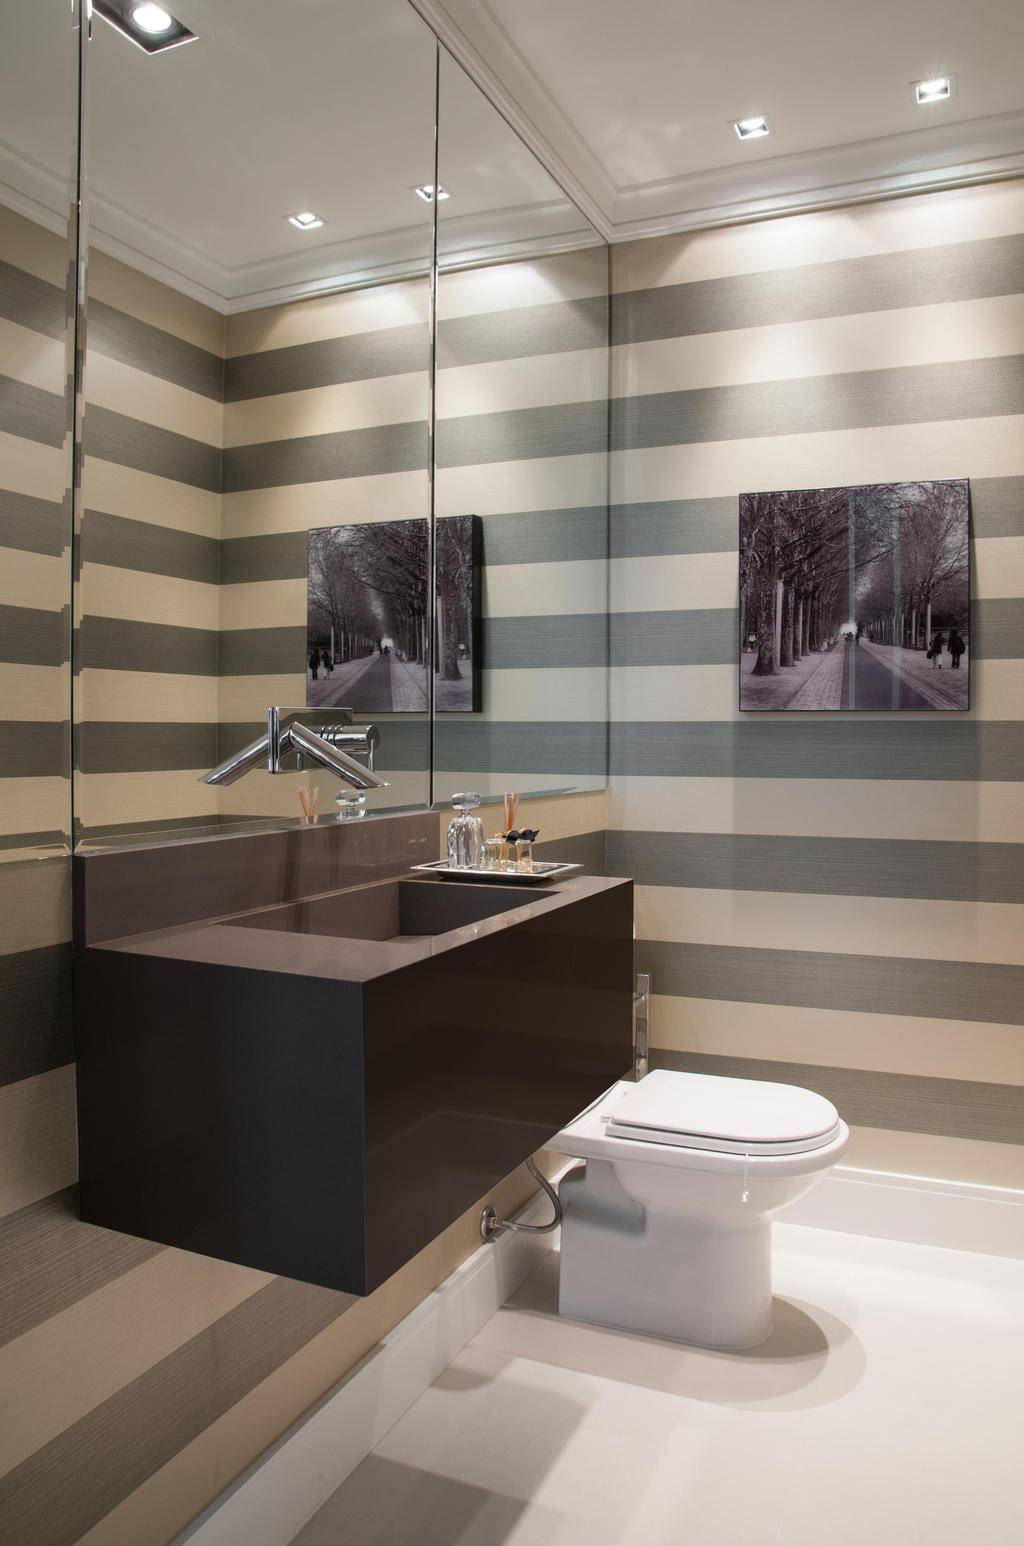 banheiro pequeno nichos e acabamentos claros Car Tuning -> Acabamentos Banheiro Pequeno